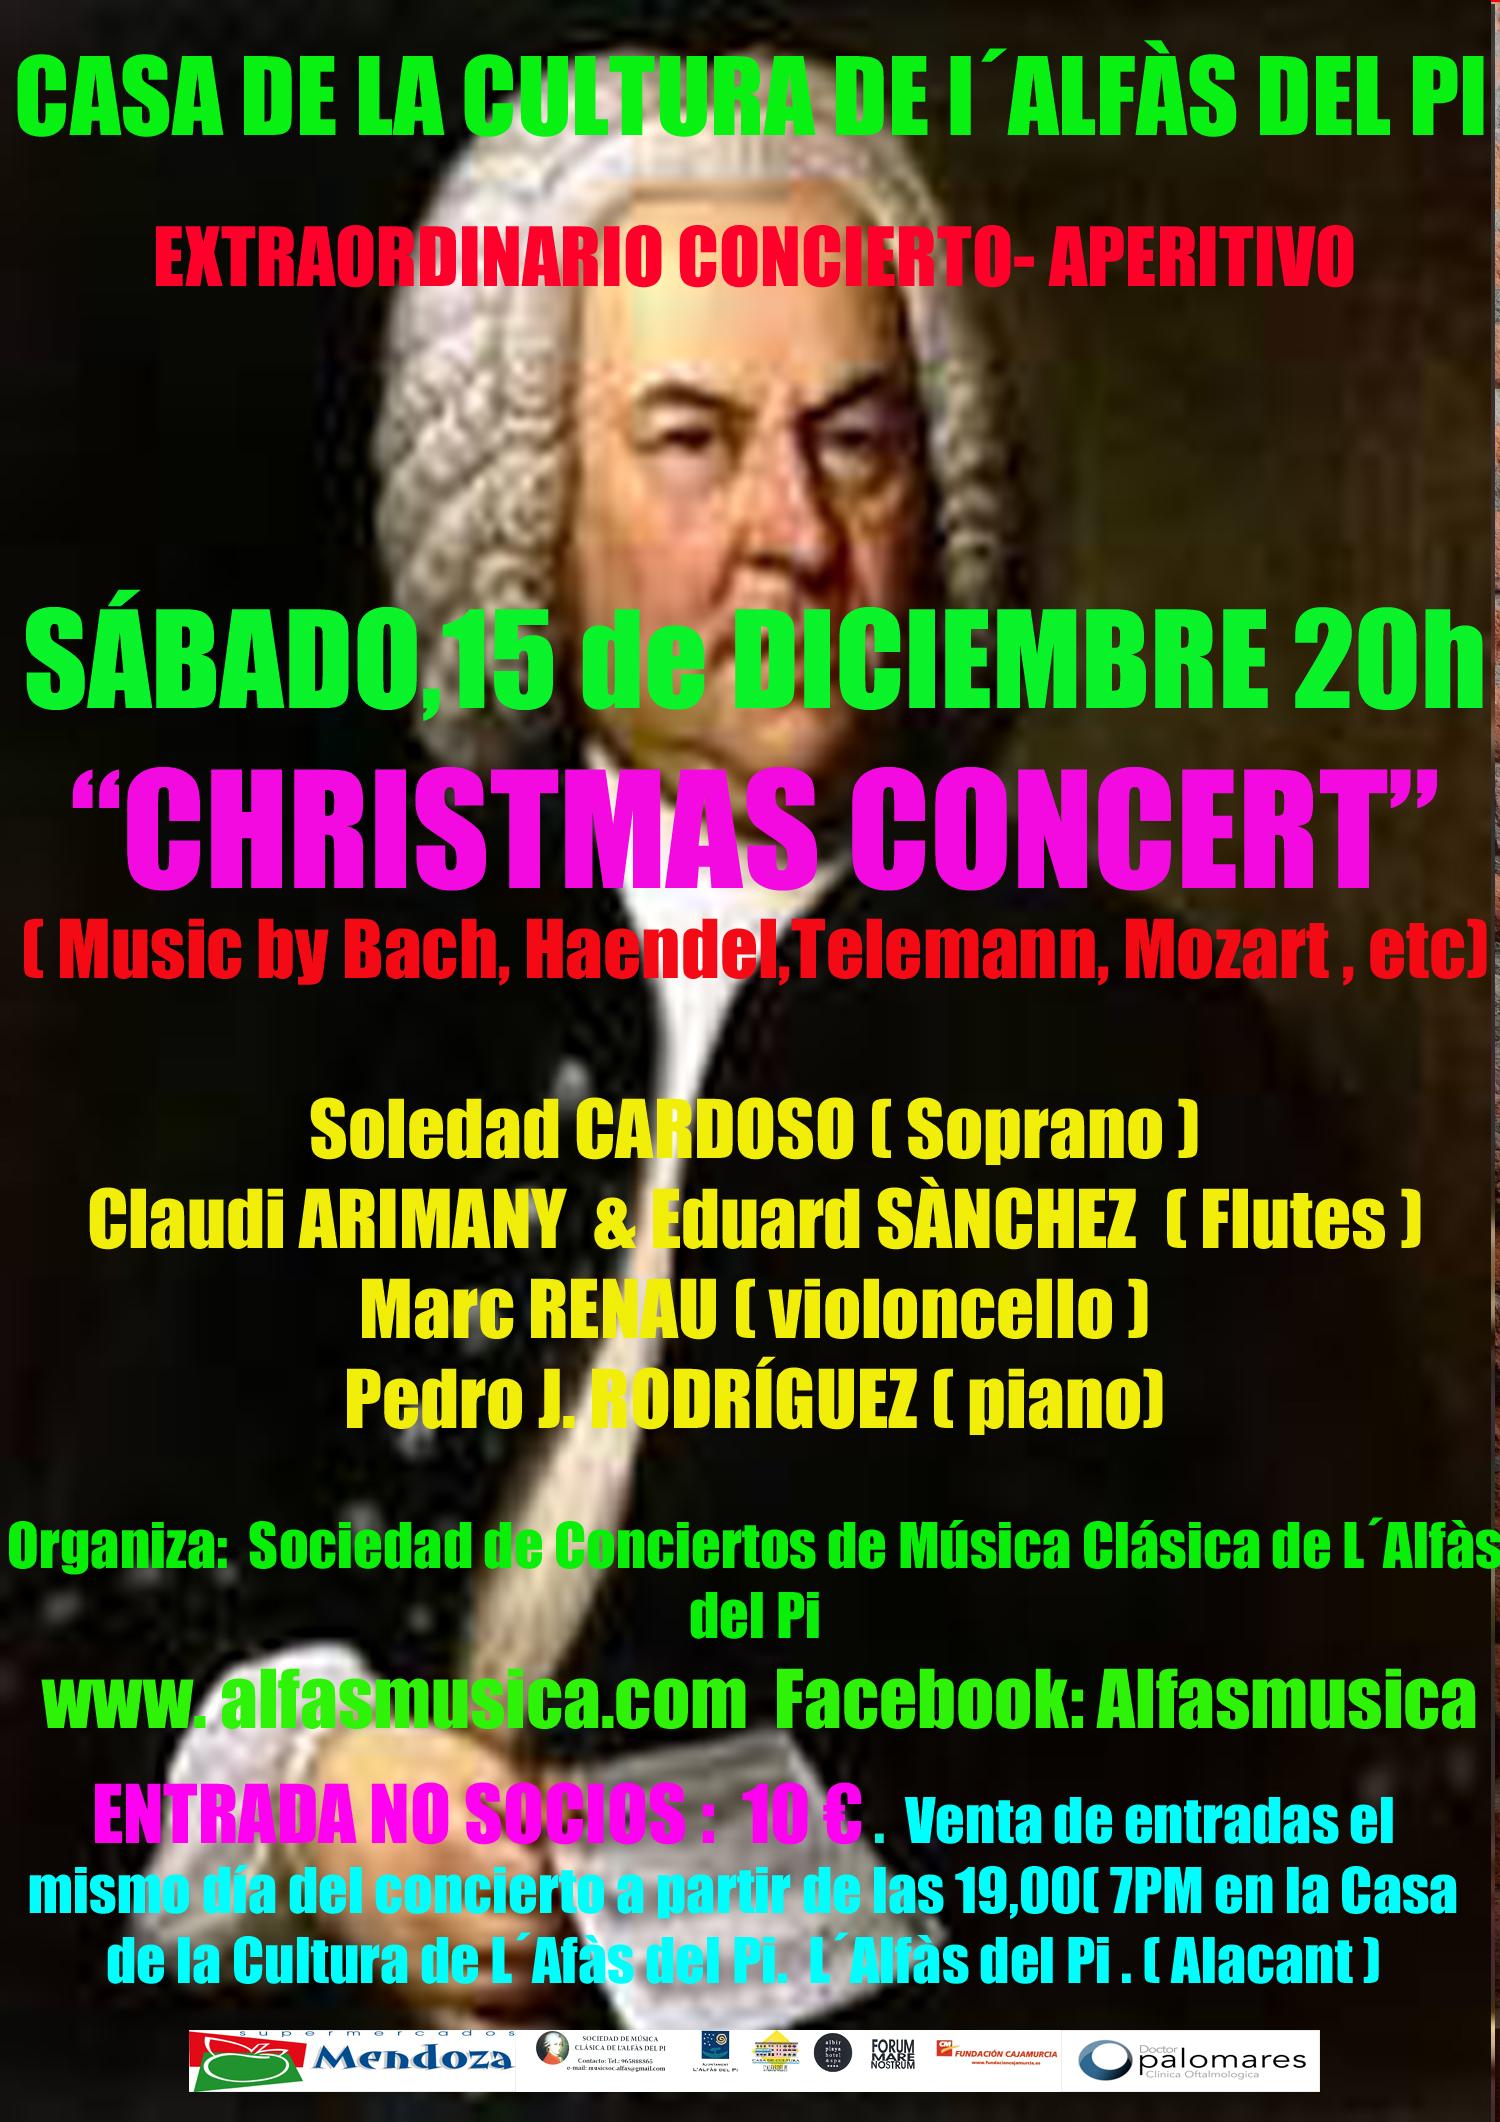 International Chamber Orchestra actúa este sábado en la Casa de Cultura de l'Alfàs